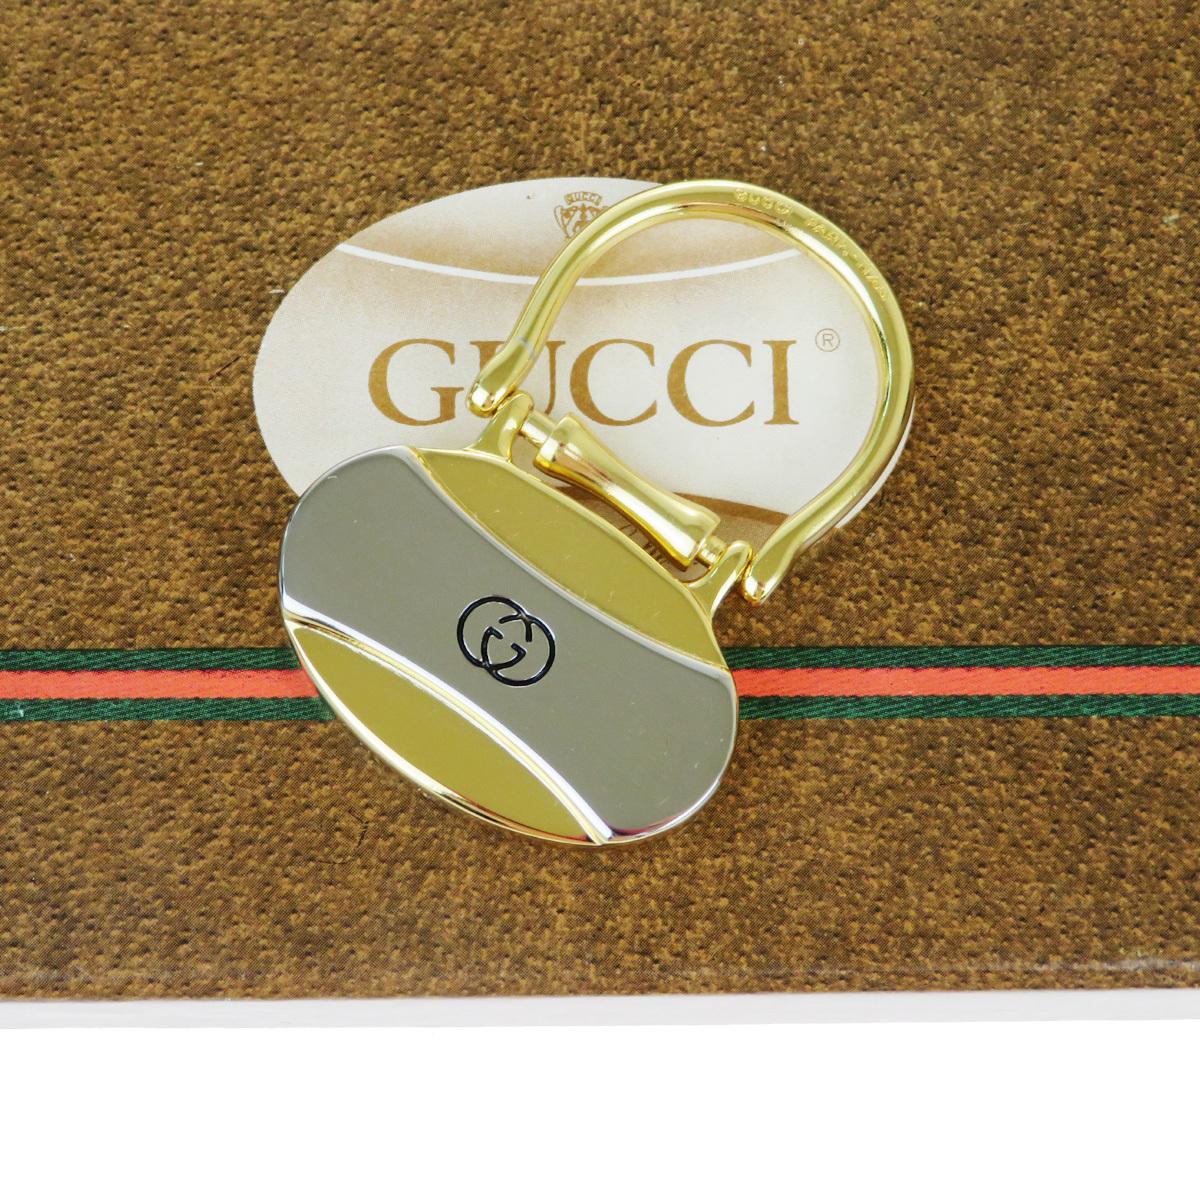 【中古】 グッチ(Gucci) バッグチャーム キーリング ファッション キーホルダー (ゴールド,シルバー) 07FA917